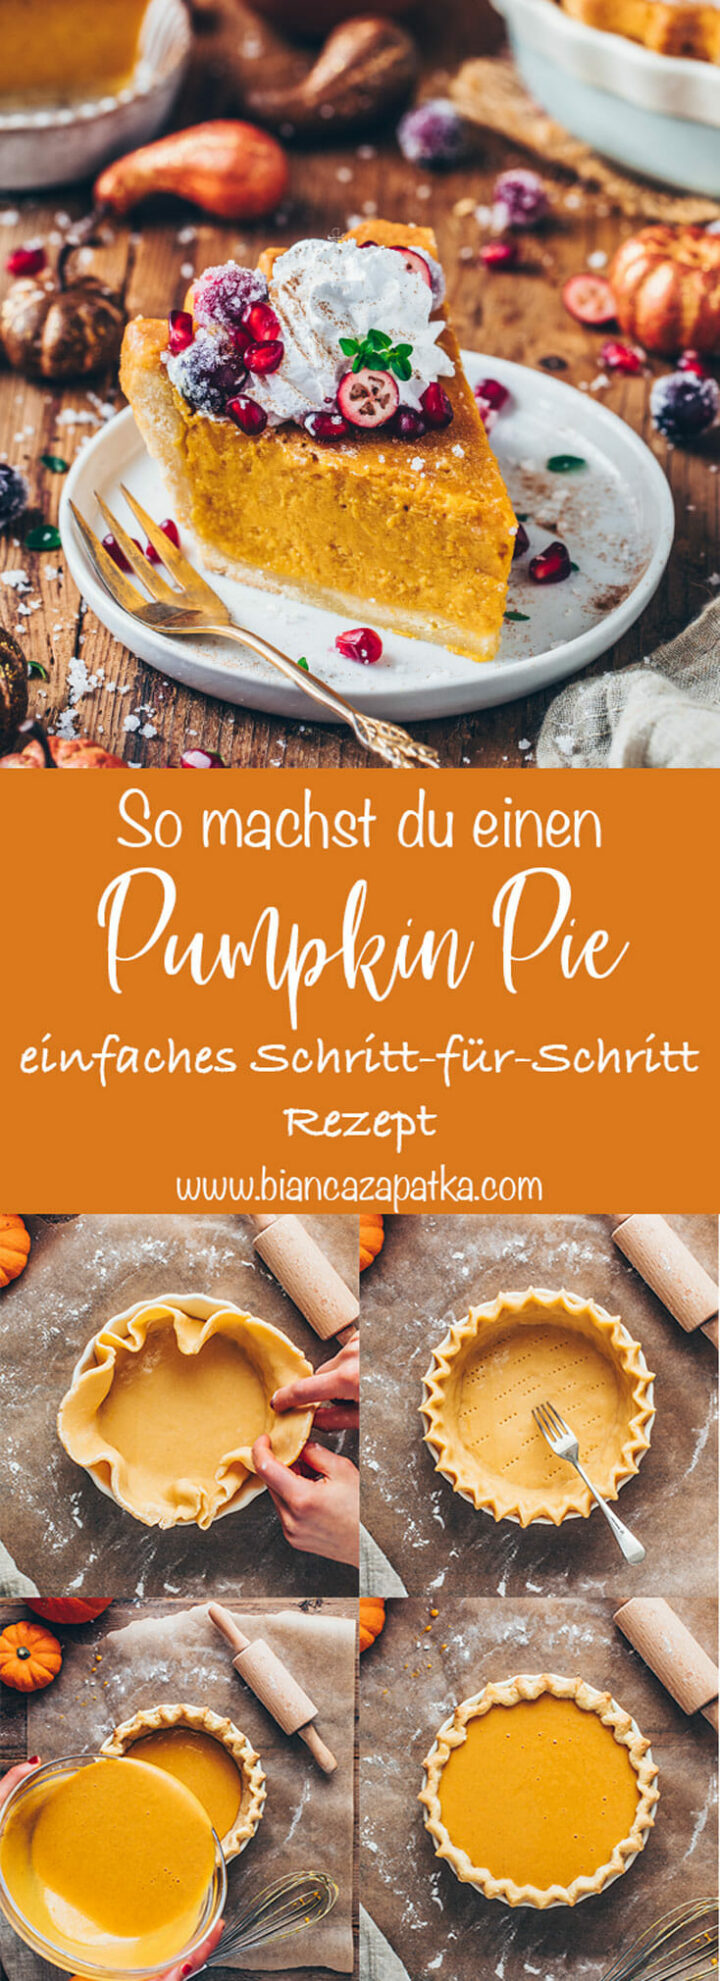 Kürbiskuchen Rezept - Pumpkin Pie mit Schritt-für-Schritt Anleitung und selbstgemachte Mürbeteig